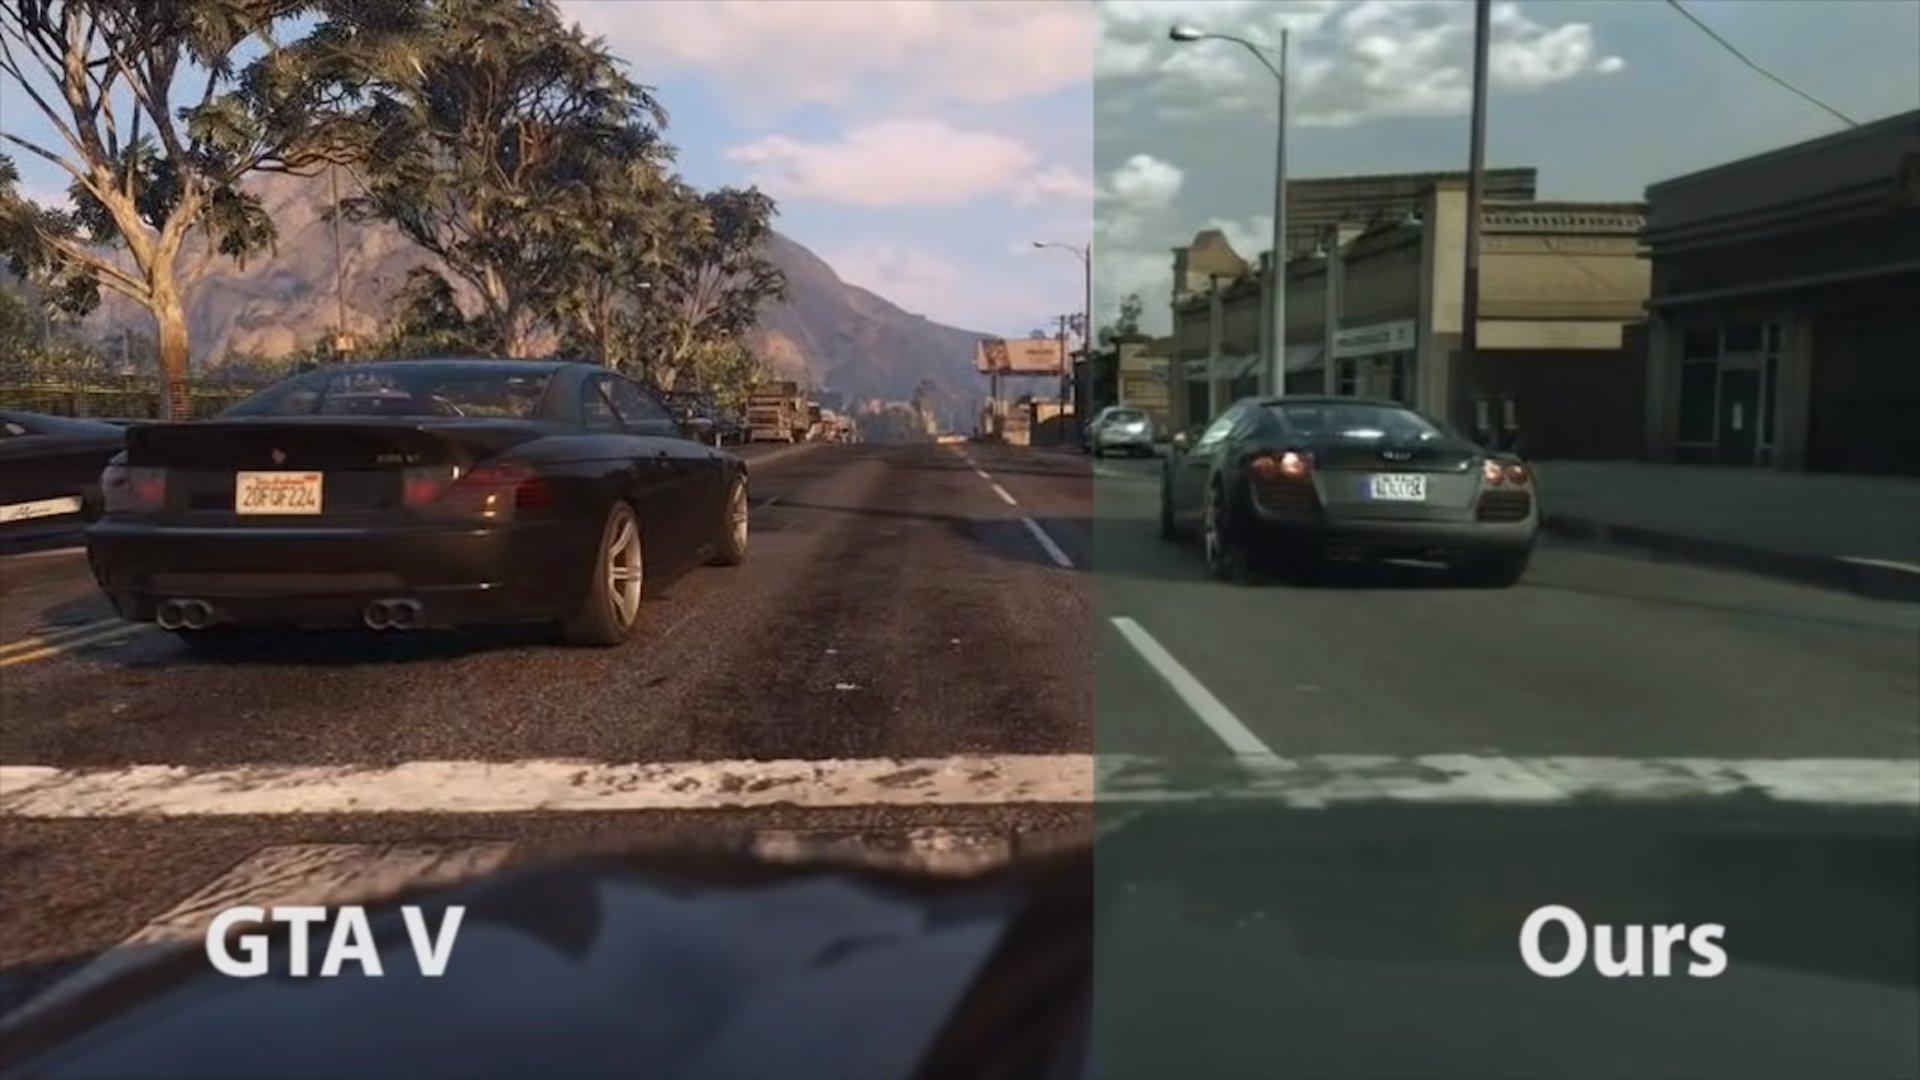 GTA vs Foto Realista